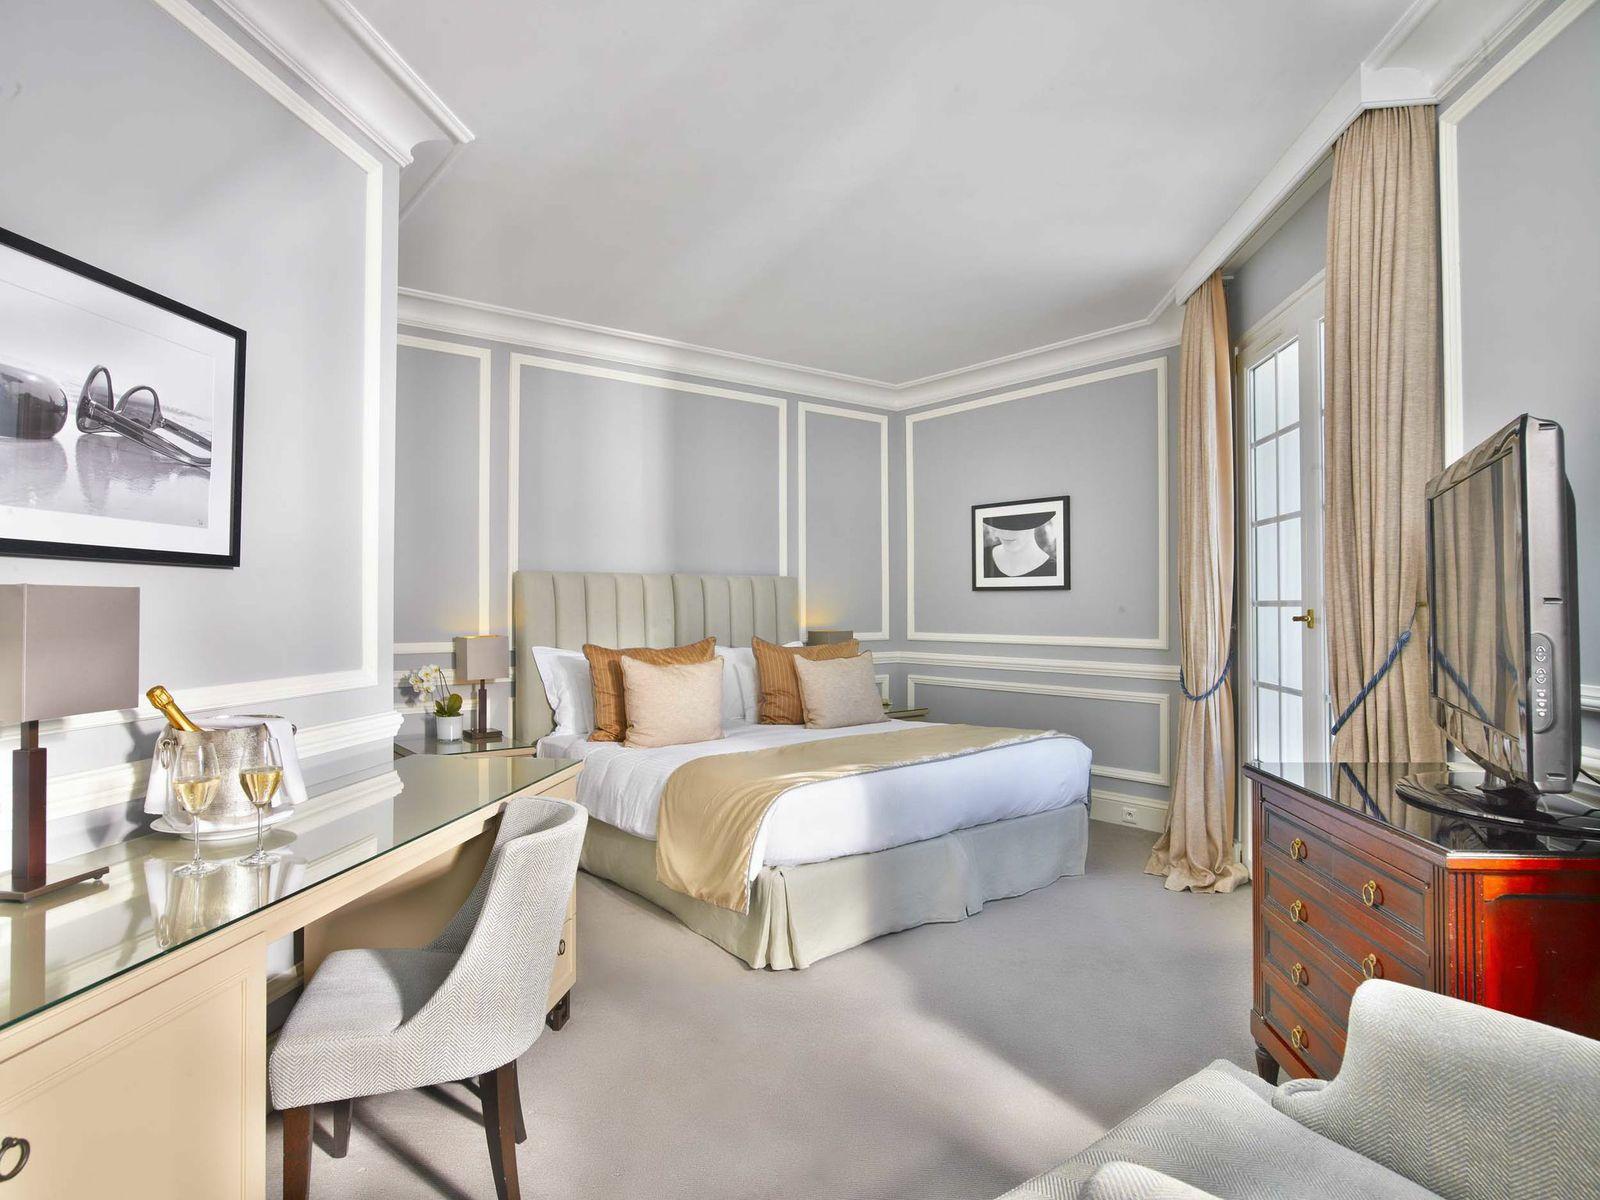 Villa-Belrose-Room-2